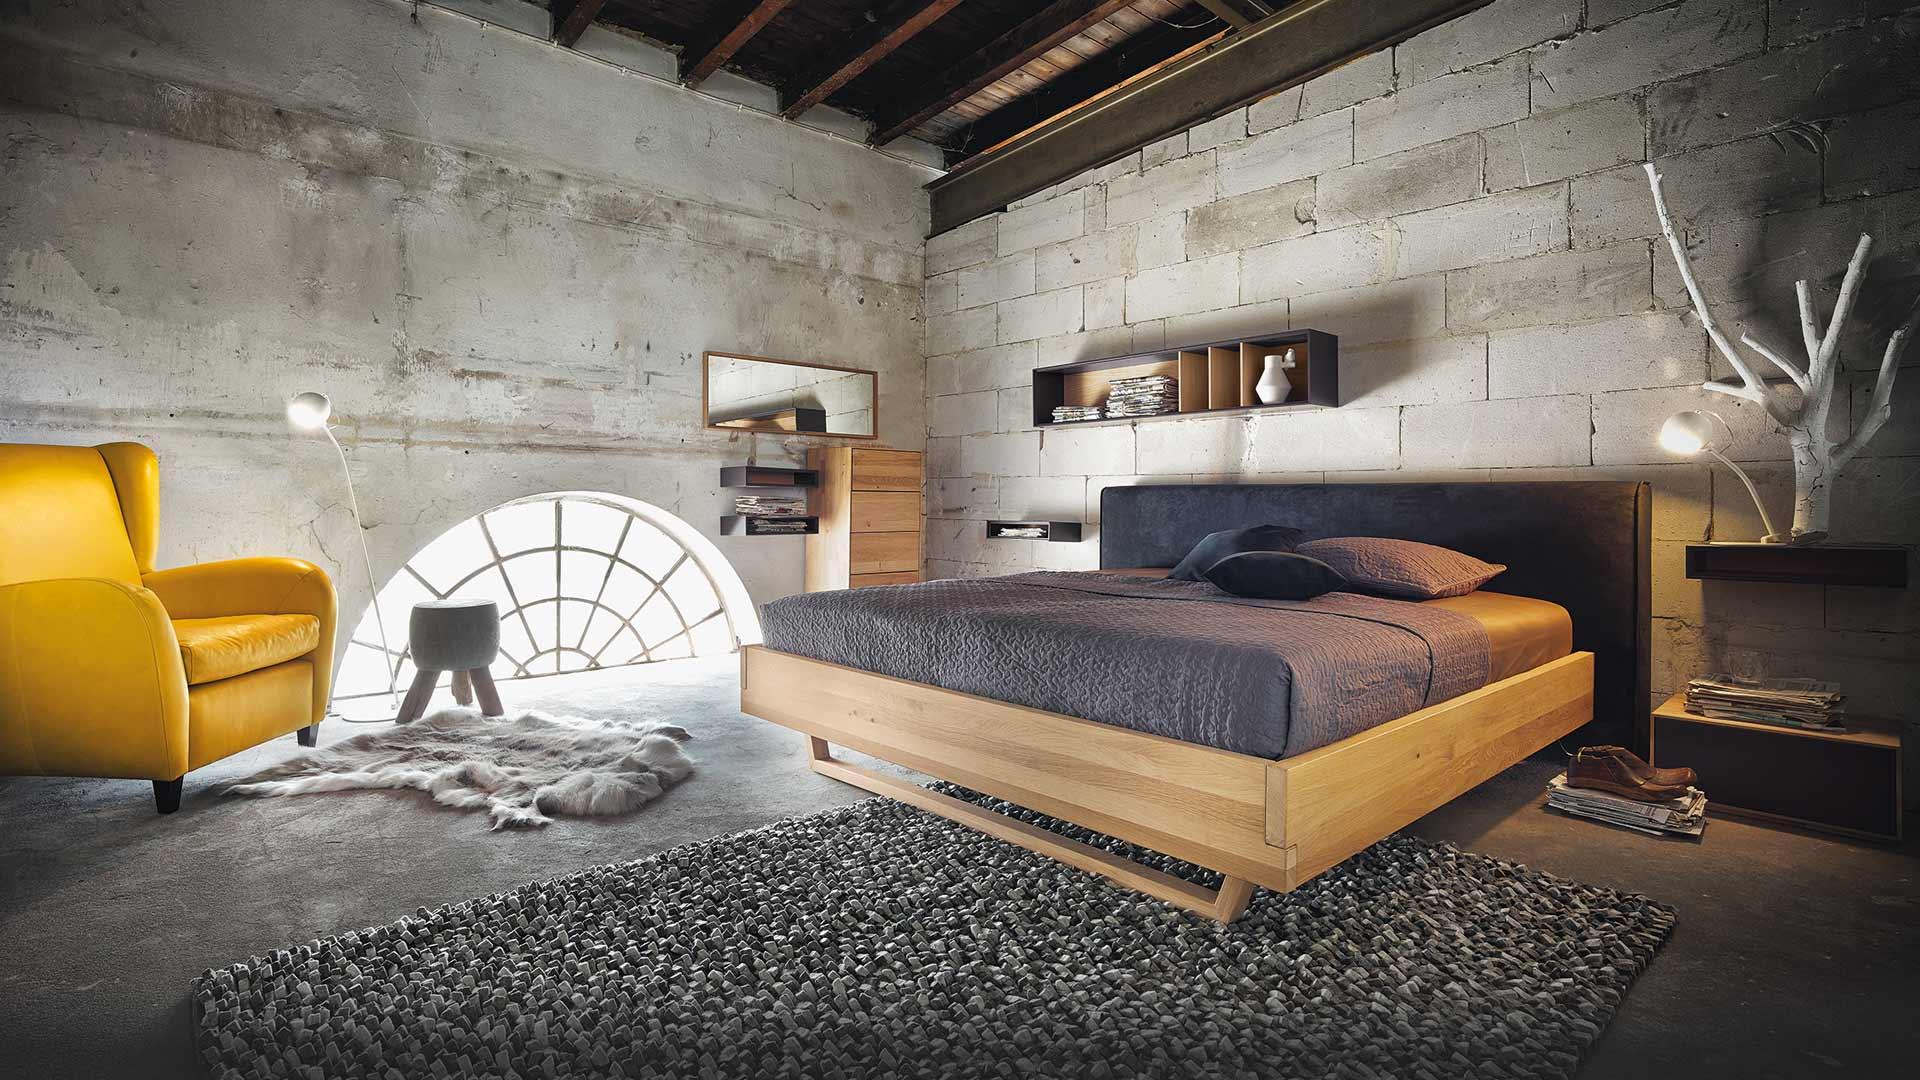 contur 0500 von contur einrichtungen in wasserburg hege nahe lindau und friedrichshafen. Black Bedroom Furniture Sets. Home Design Ideas